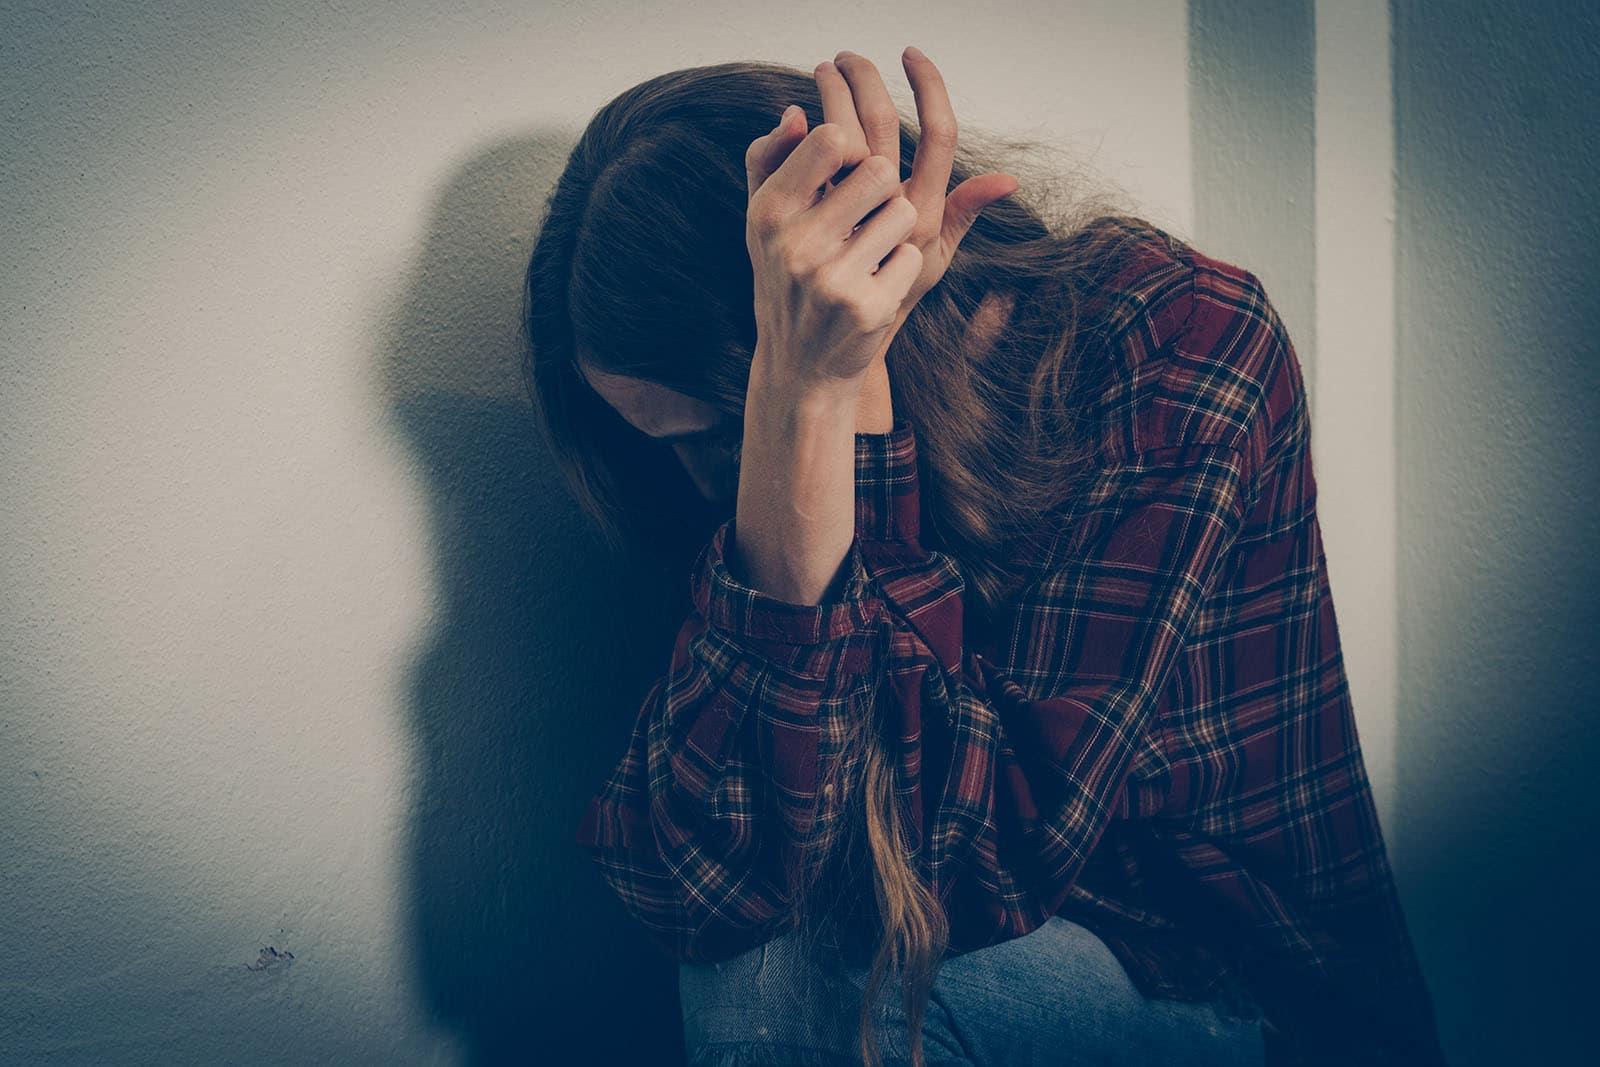 gewalt gegen frauen: Frau duckt sich ängstlich in eine ecke